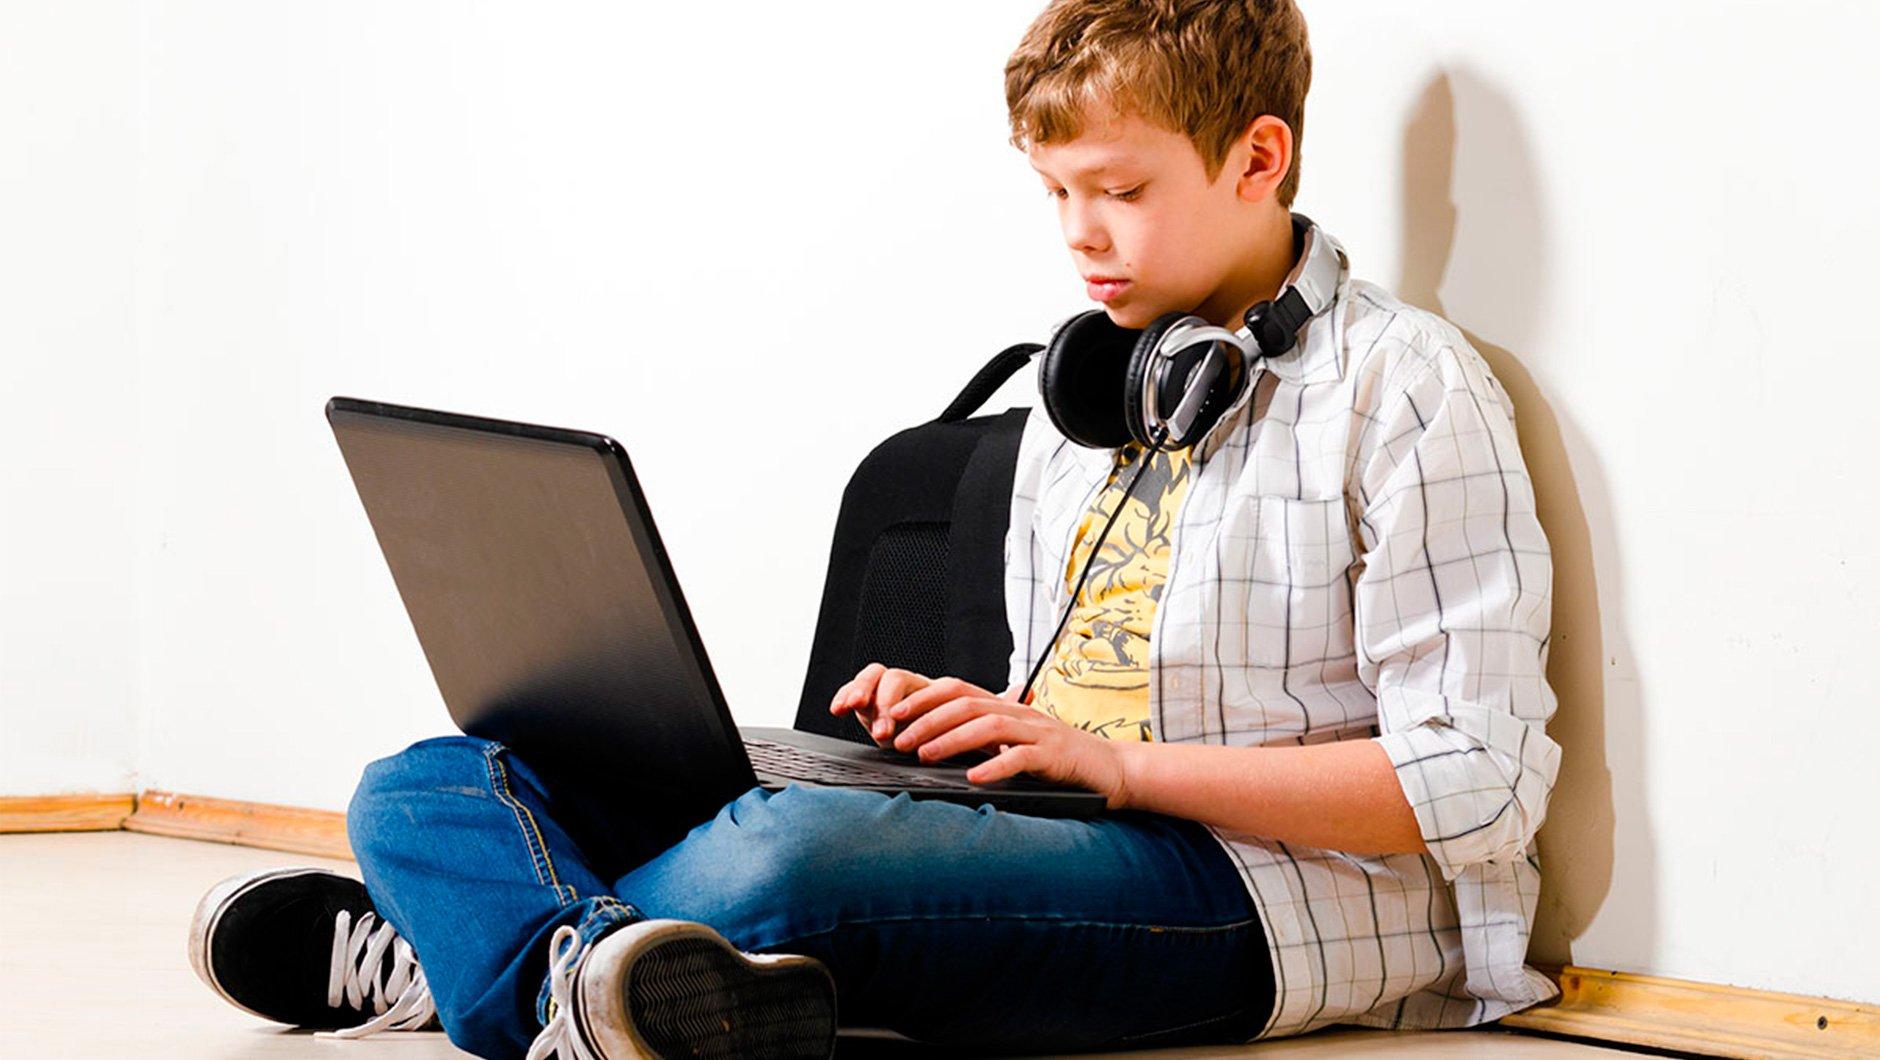 Как заработать подросткам через интернет спорт прогноз точно получить